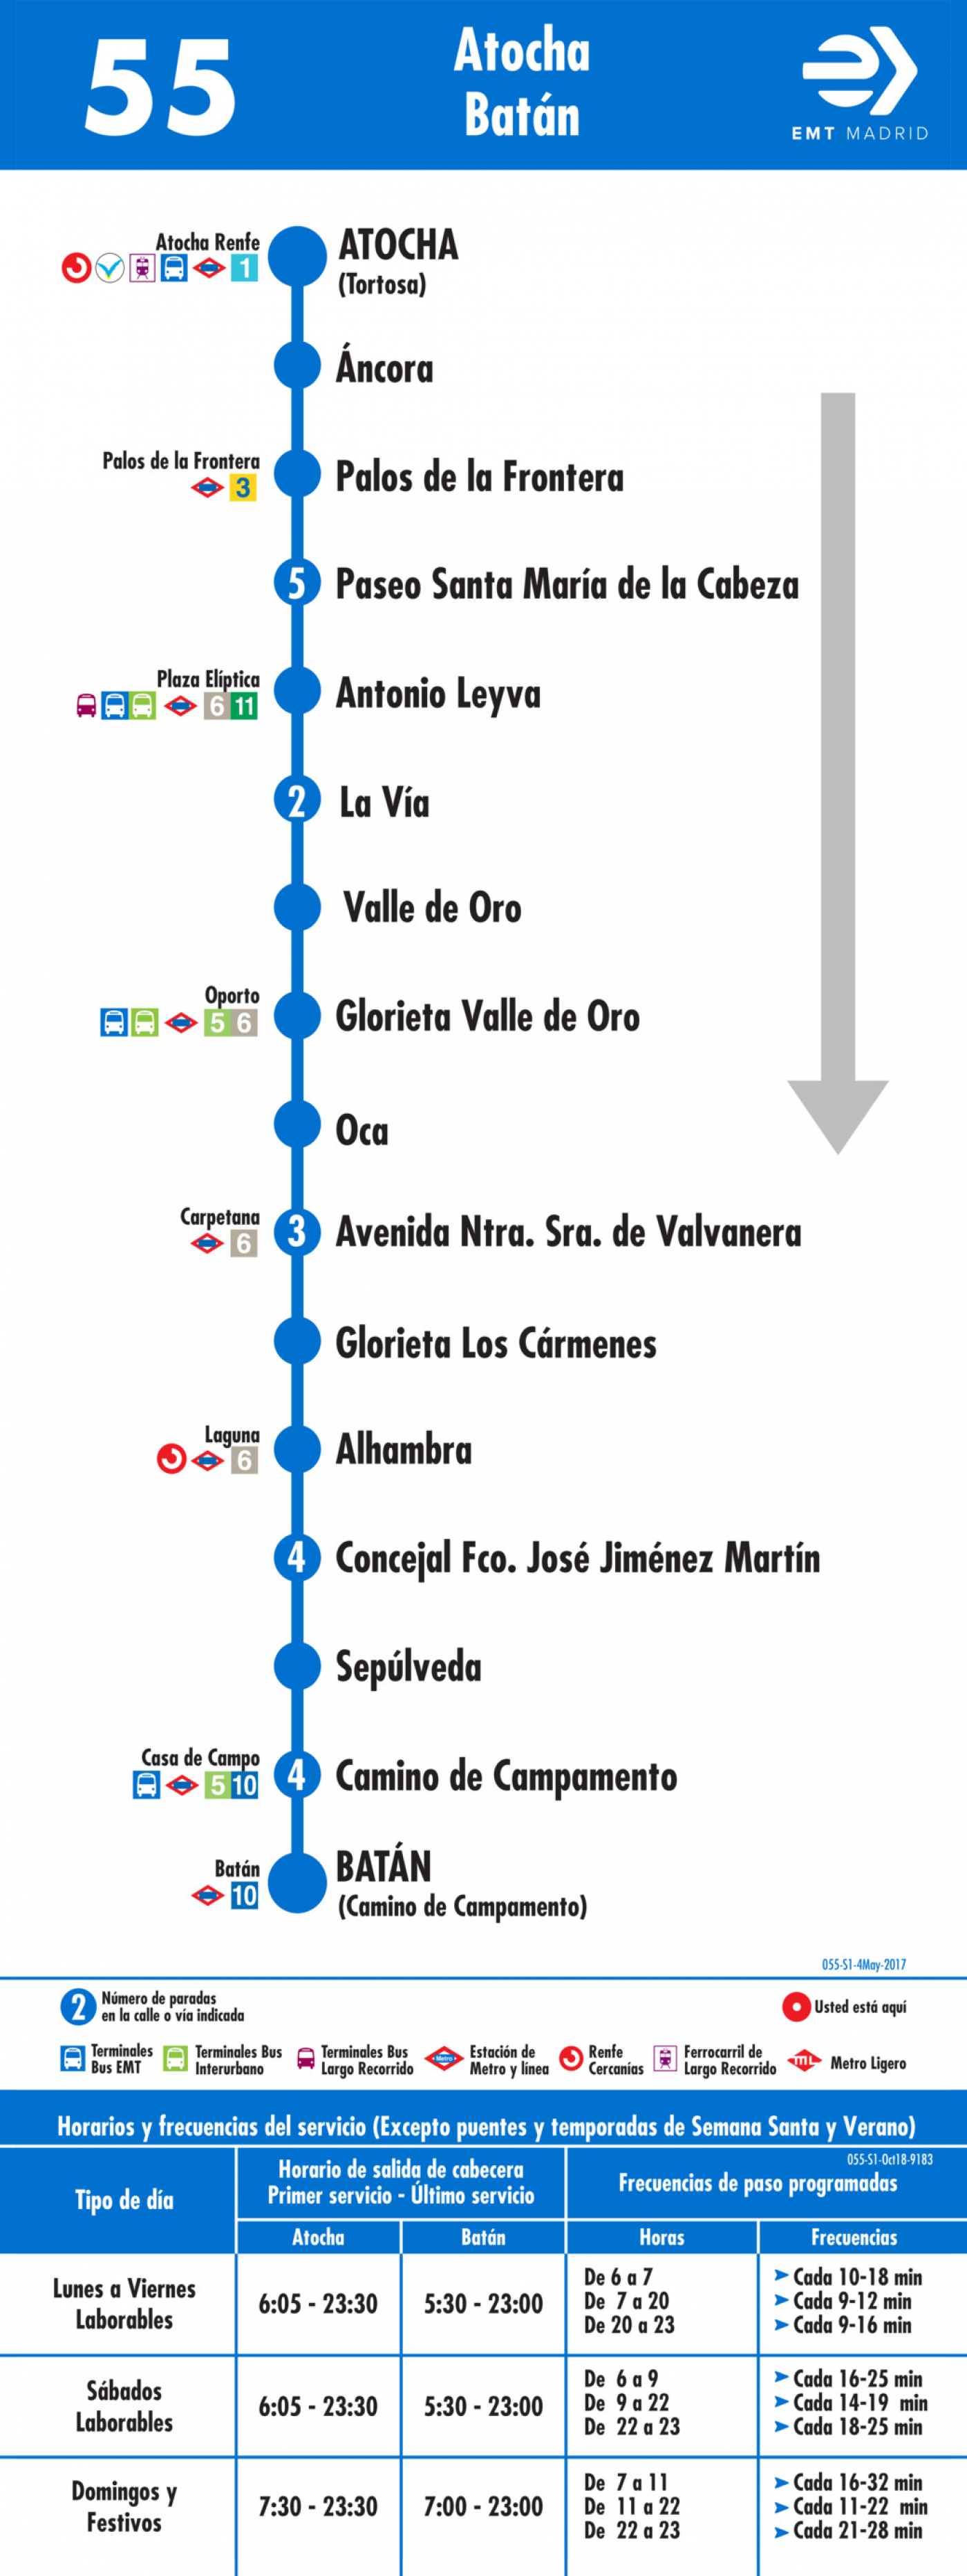 Tabla de horarios y frecuencias de paso en sentido ida Línea 55: Atocha - Batán